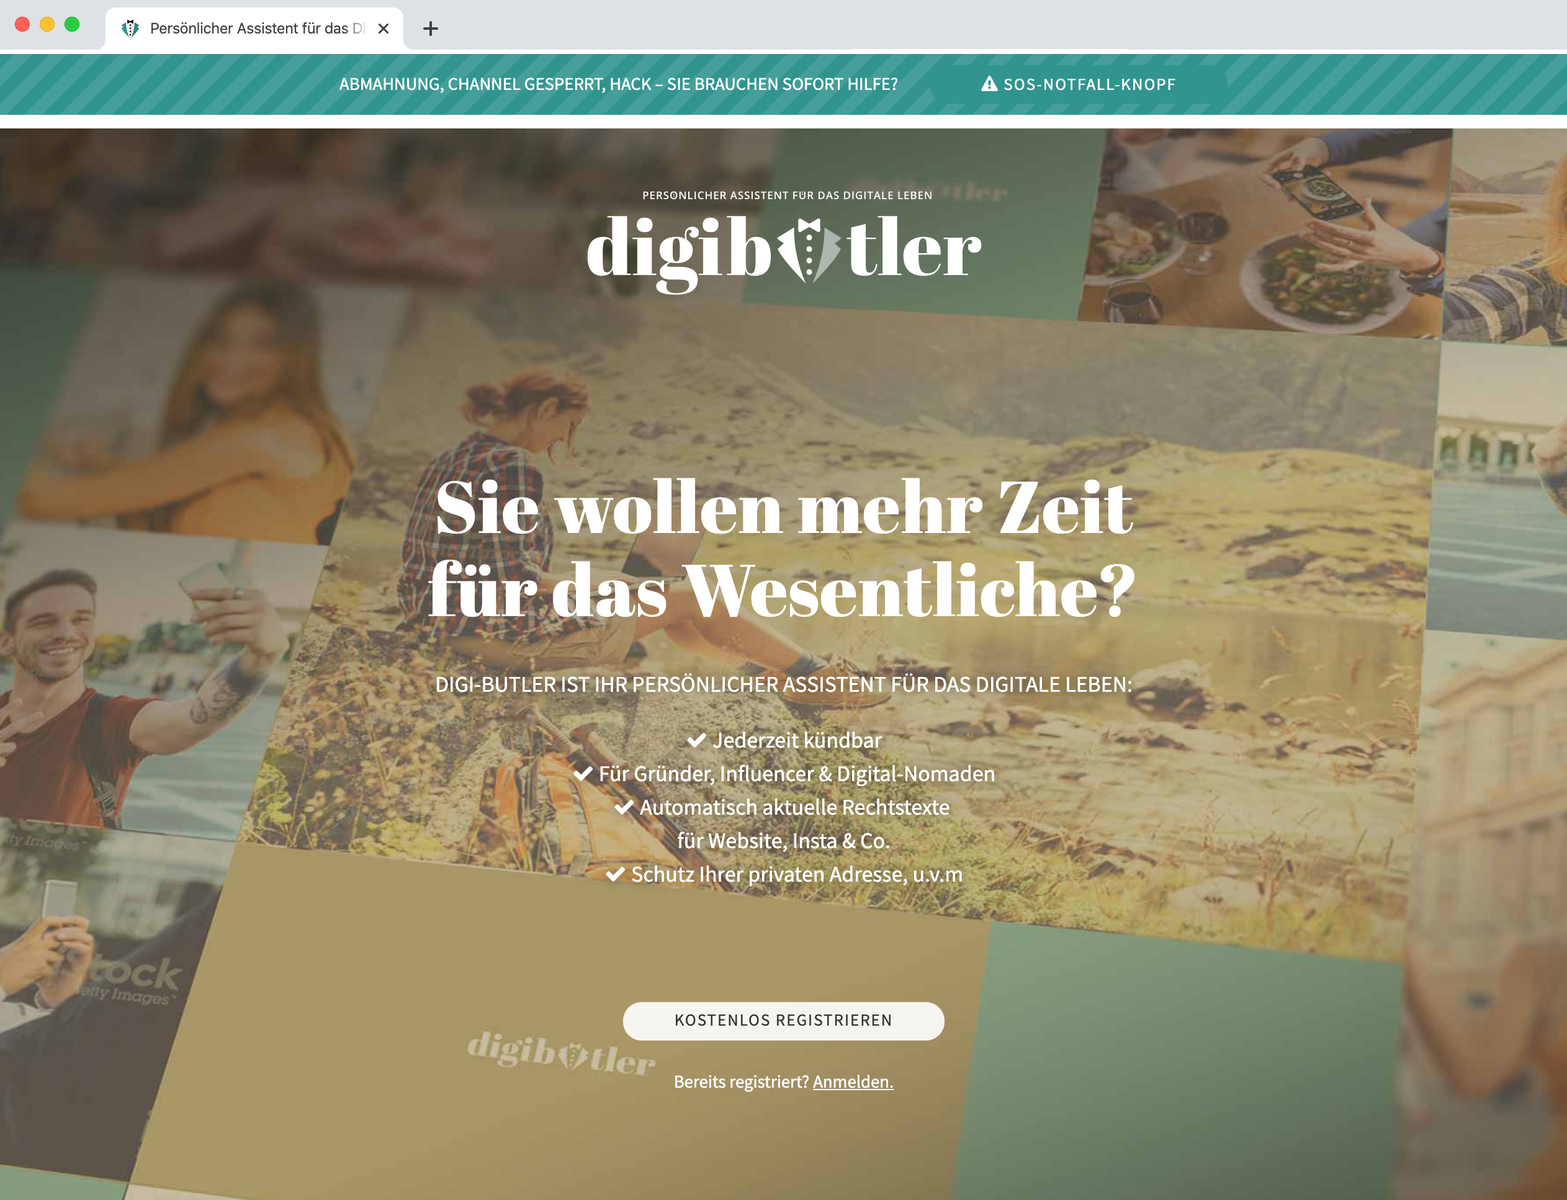 Digi-Butler: der persönliche Assistent für das Digitale Leben